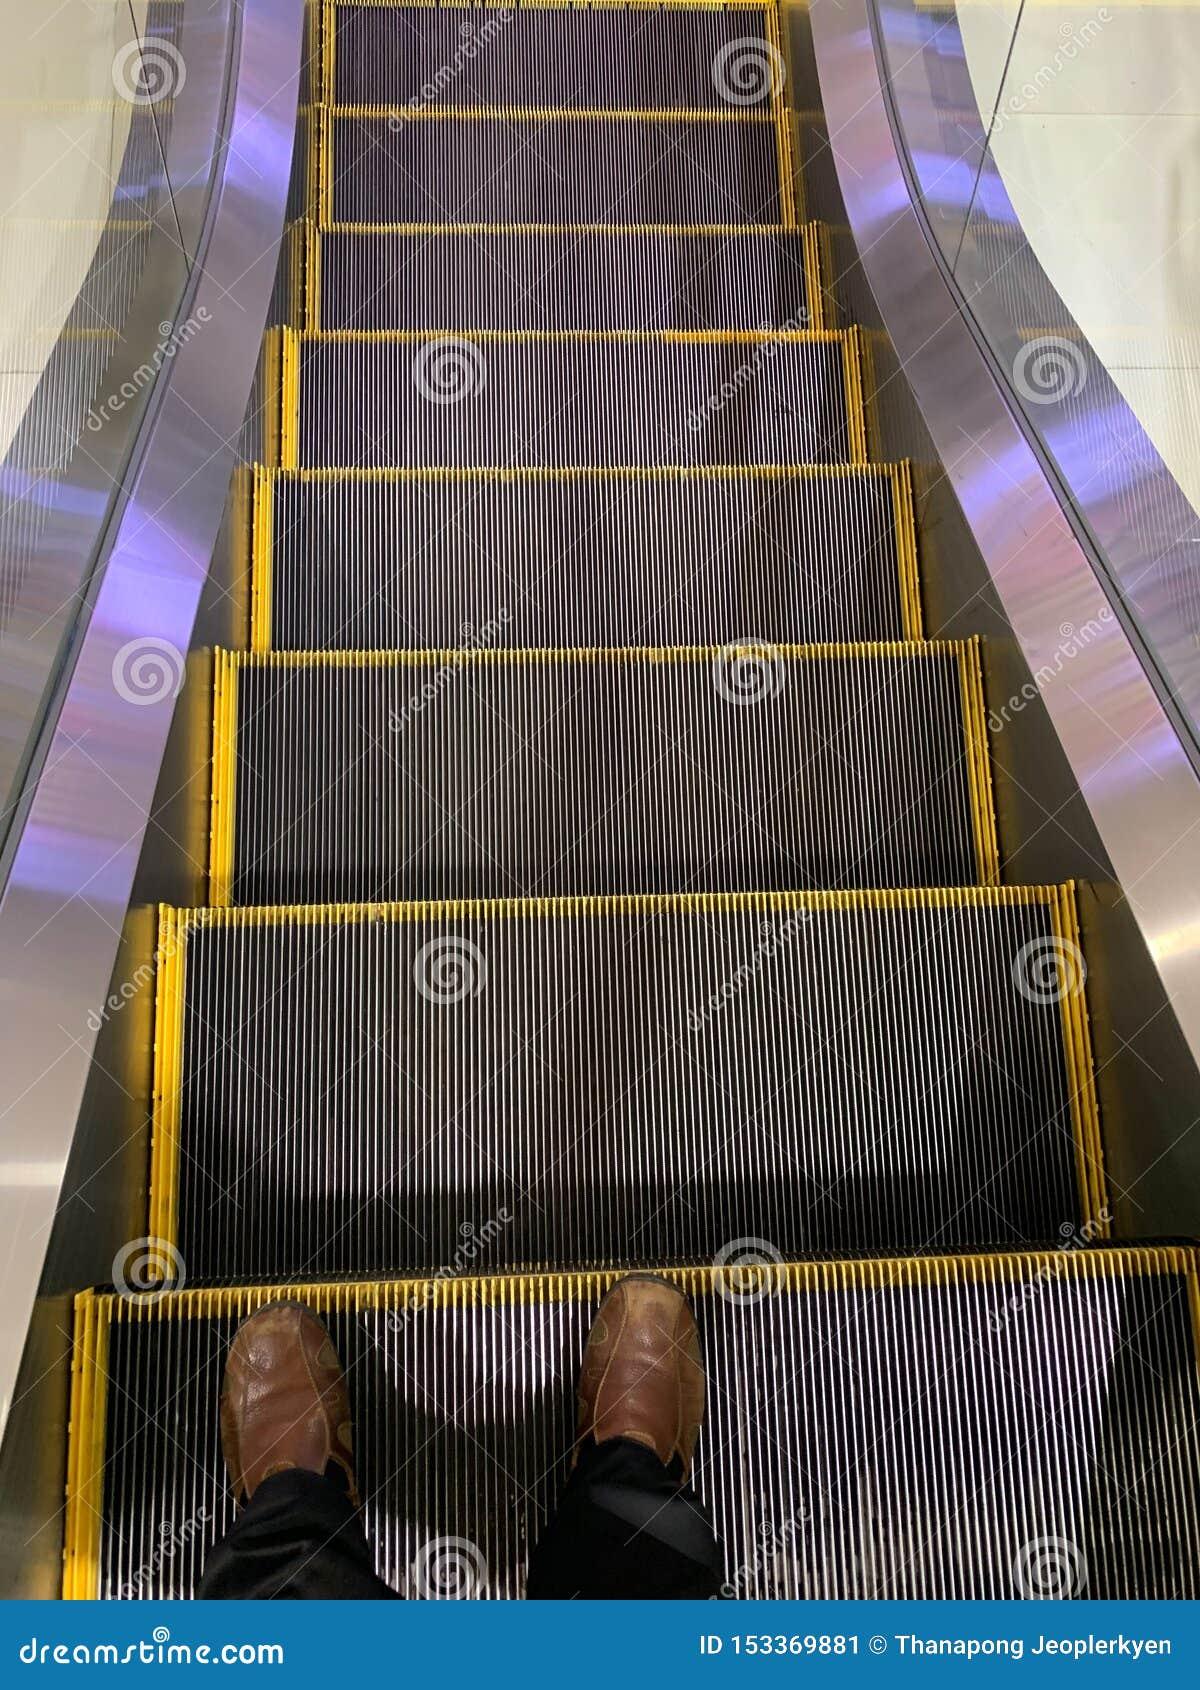 Selfie de los pies del hombre en zapatos marrones en pasos de escalera móvil en el aeropuerto